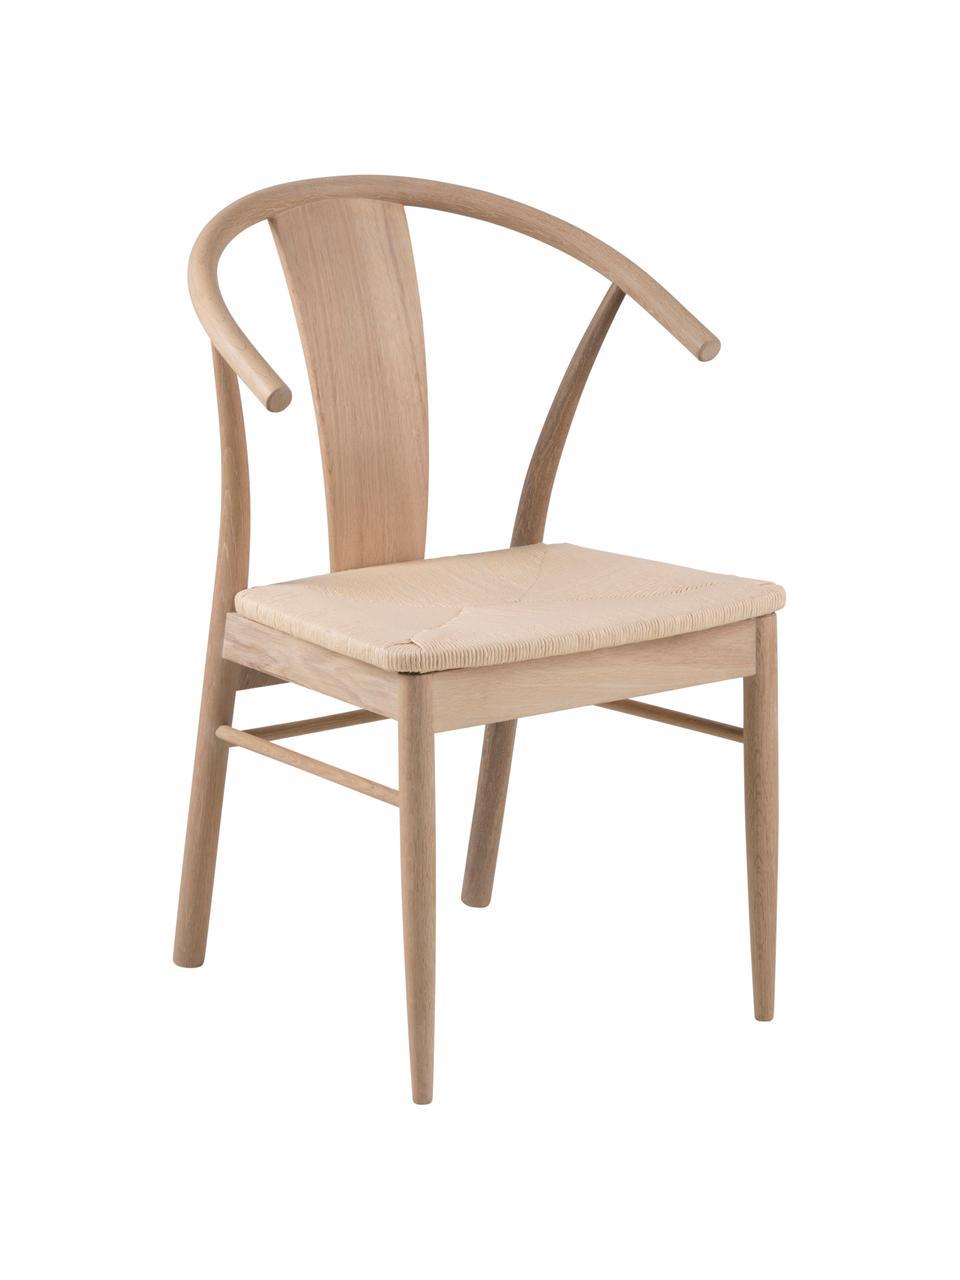 Krzesło z drewna dębowego Janik, Stelaż: drewno dębowe, bielone, Beżowy, S 54 x G 54 cm